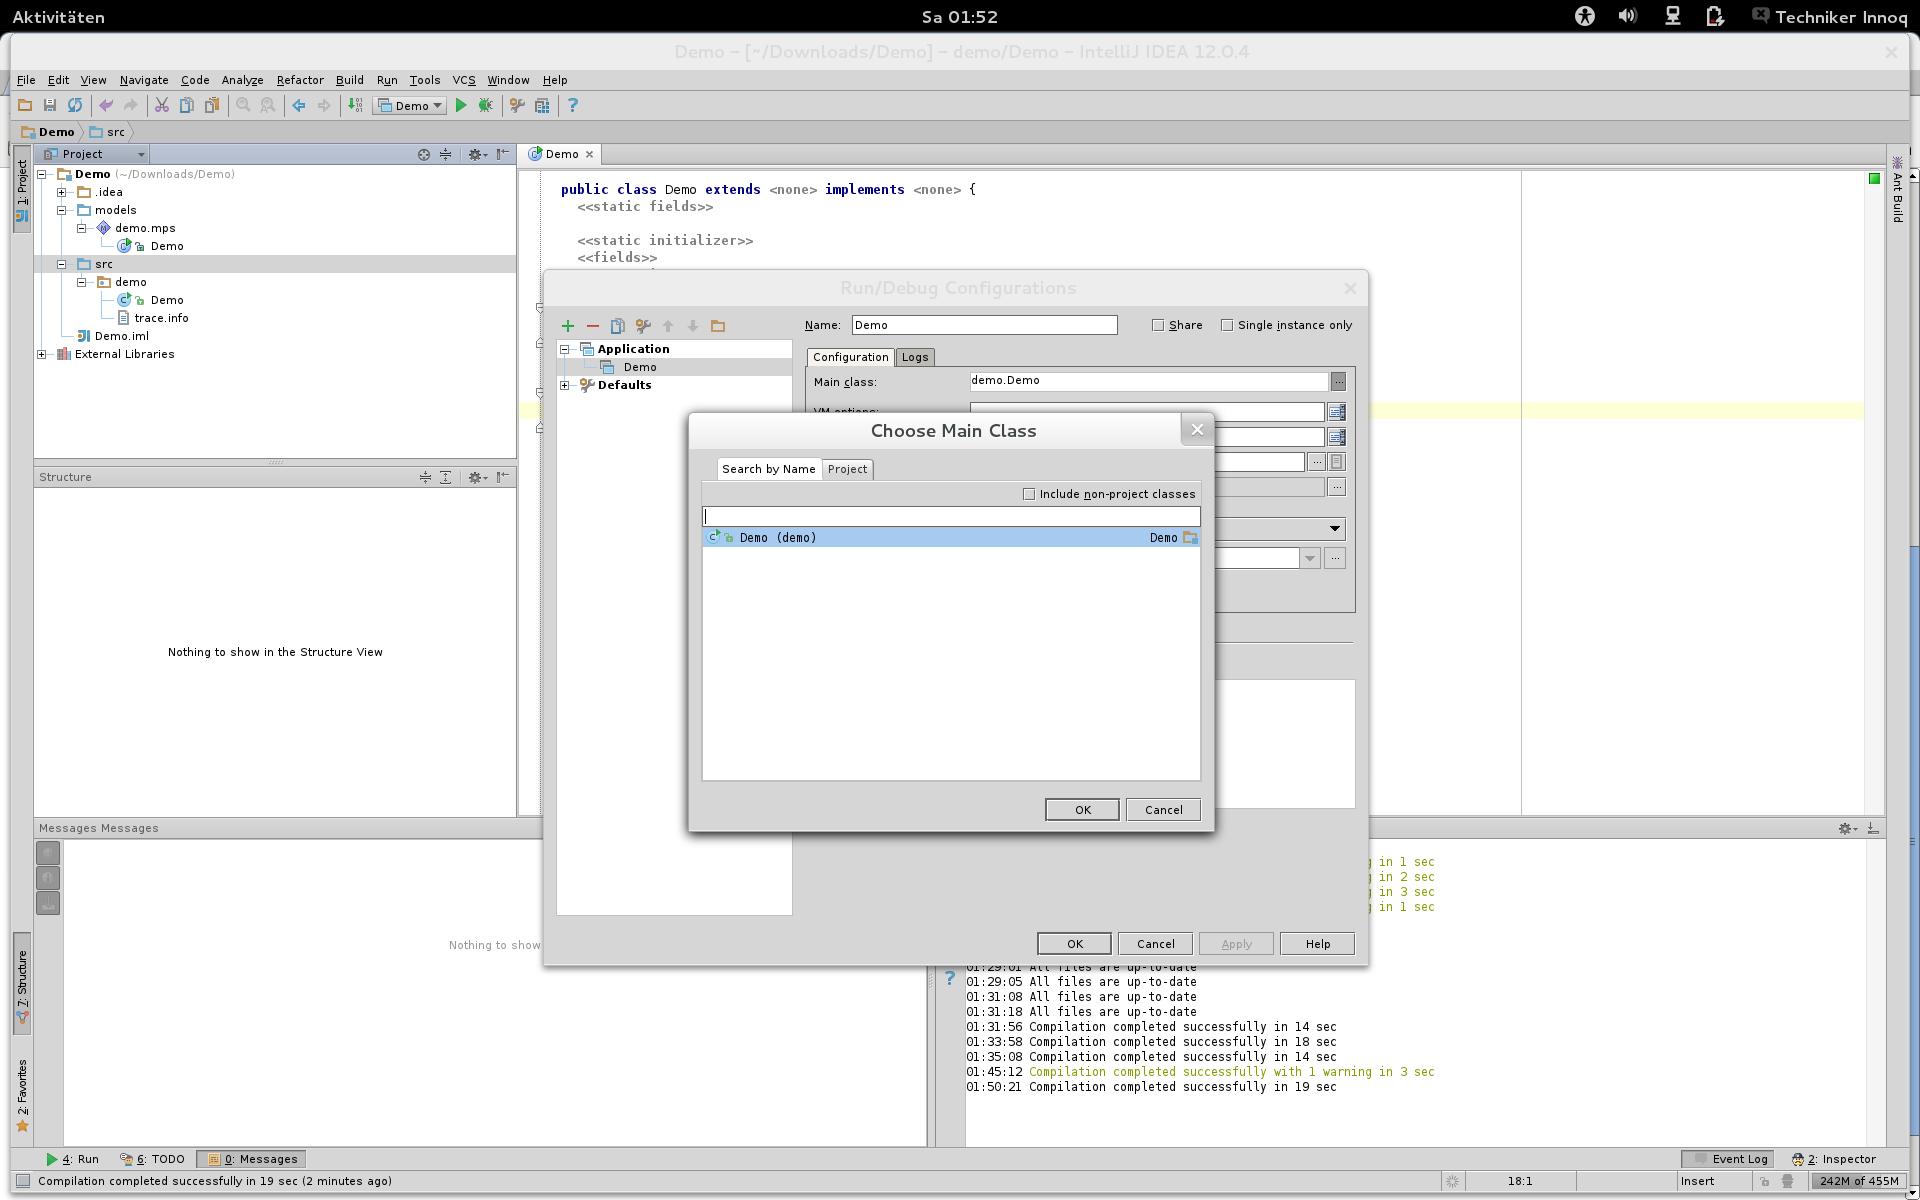 Bildschirmfoto am 2013-02-16 01:52:23.png